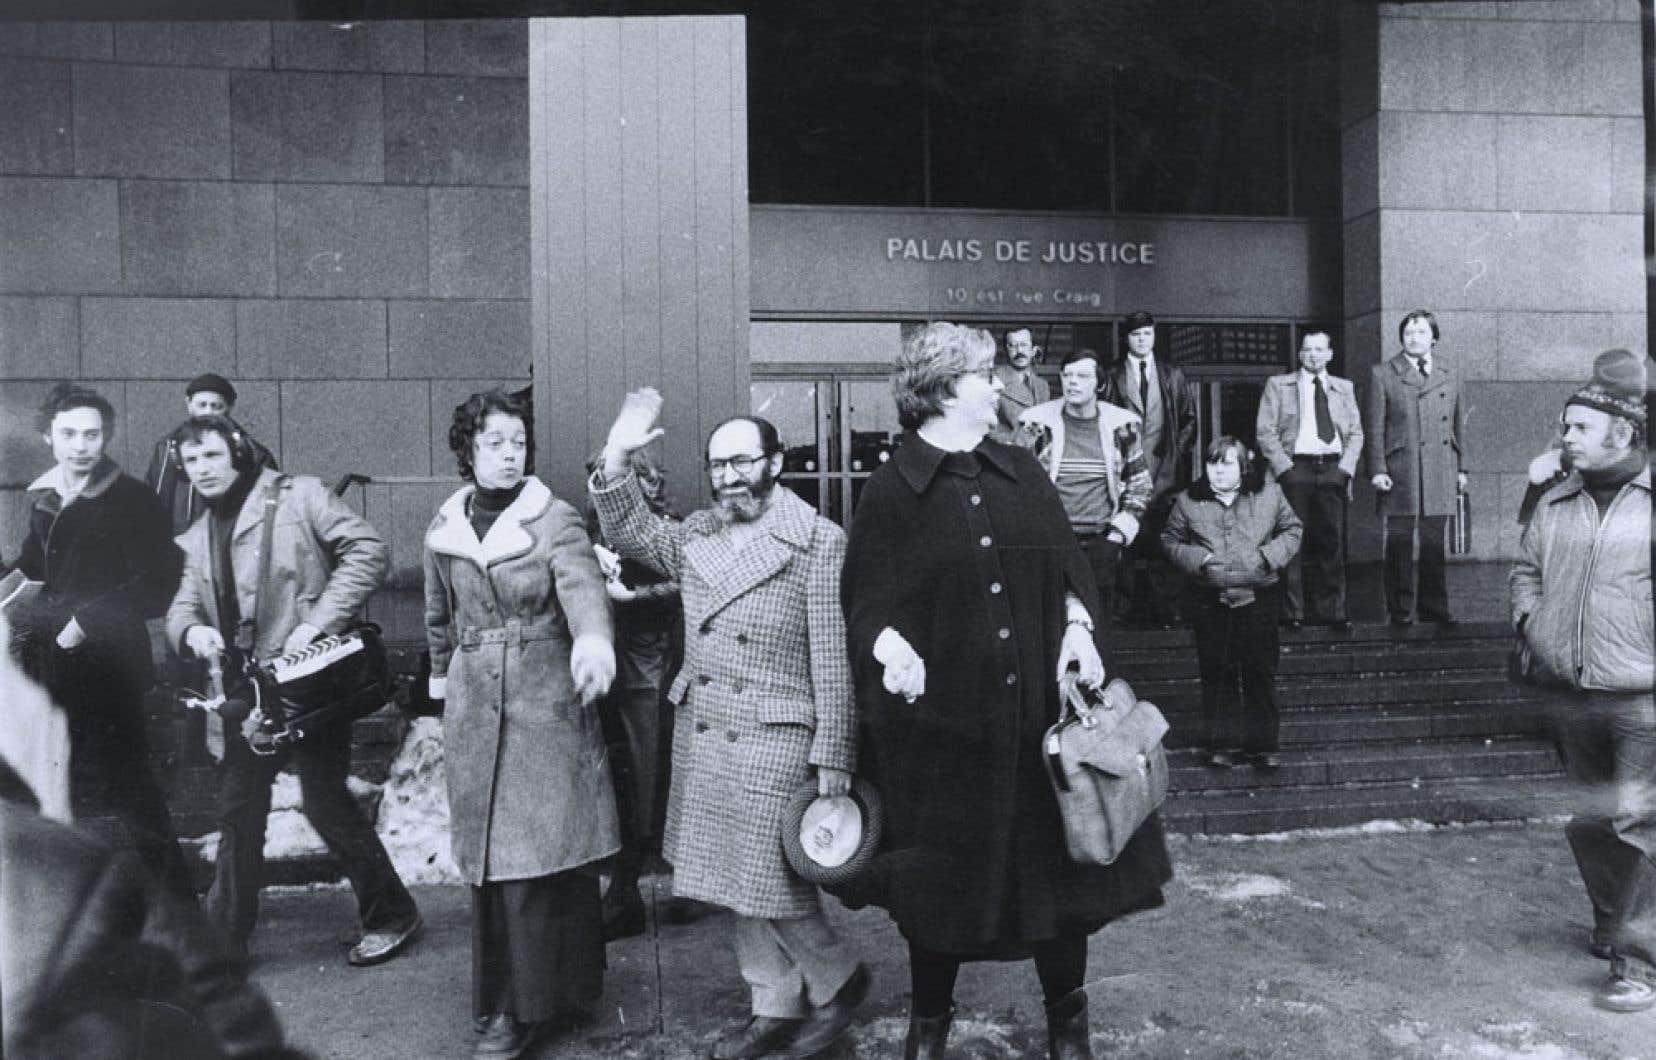 <div> Le 20 janvier 1976, la Cour d'appel du Québec maintient l'acquittement du docteur HenryMorgentaler, qui était accusé d'avortement illégal.</div>